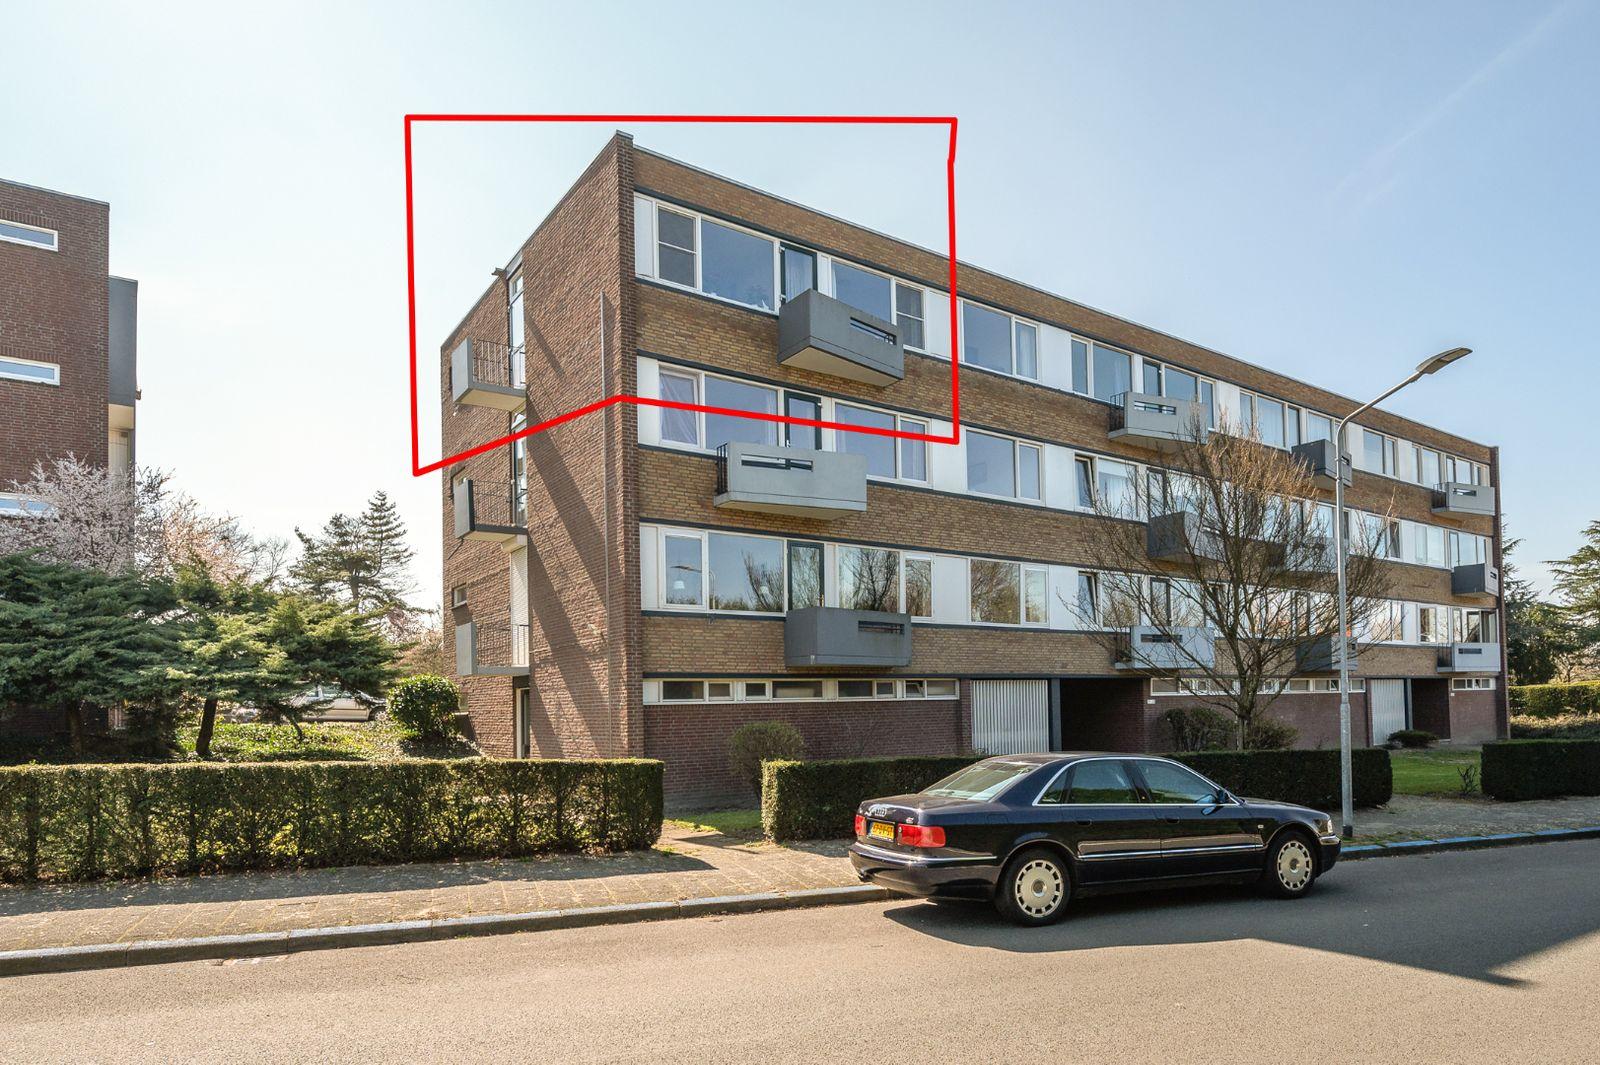 Dokter Blumenkampstraat 29, Venlo